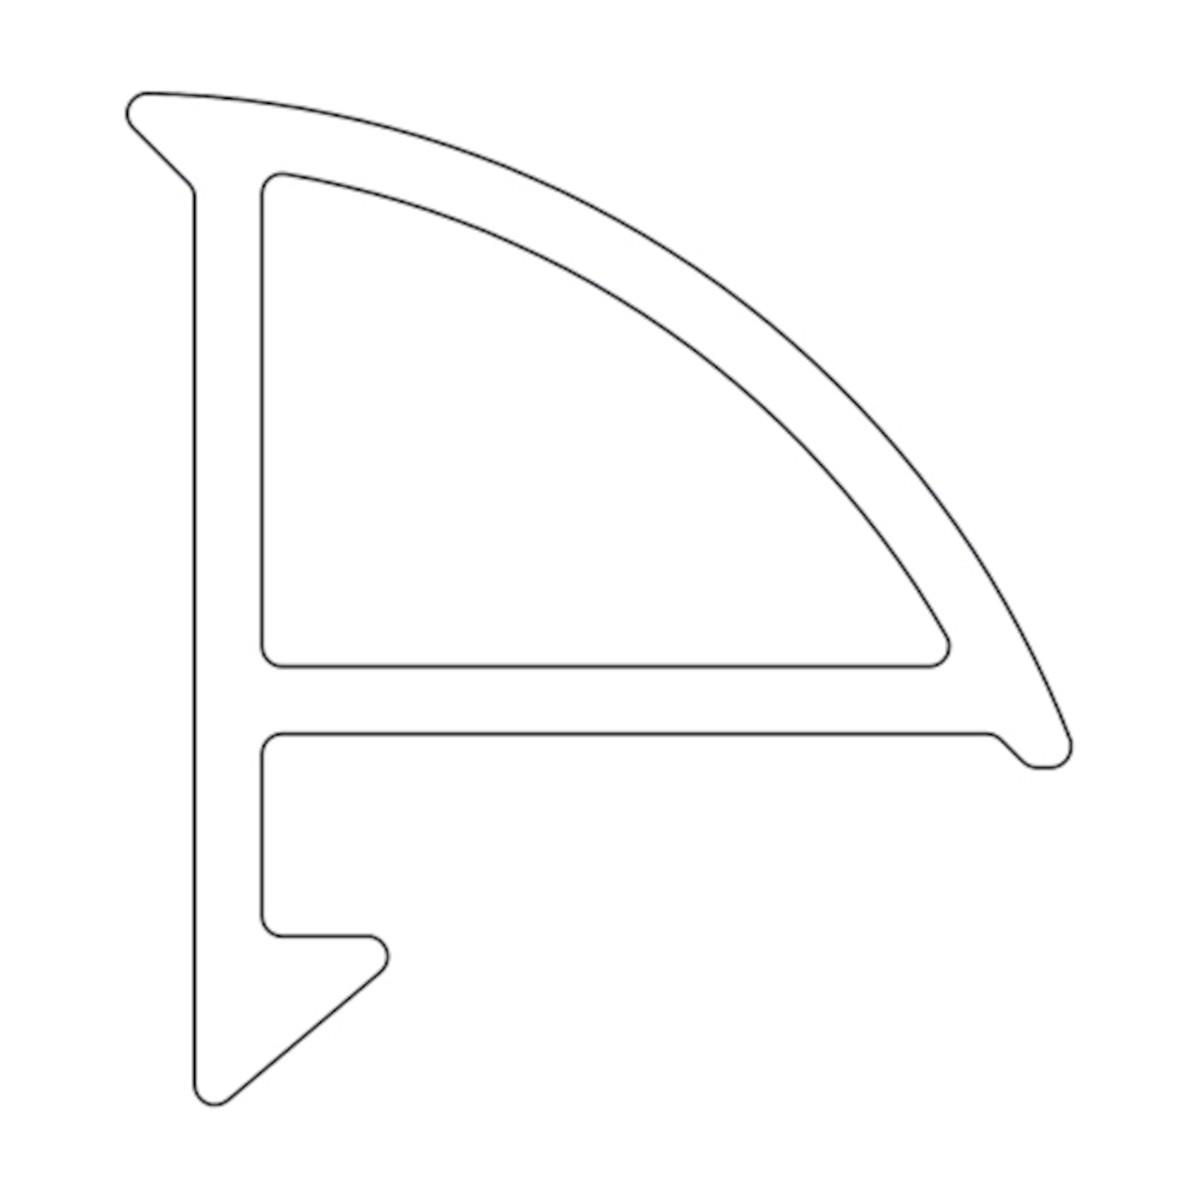 RAVAK Krycí lišta 6/1100 bílá XB441100001